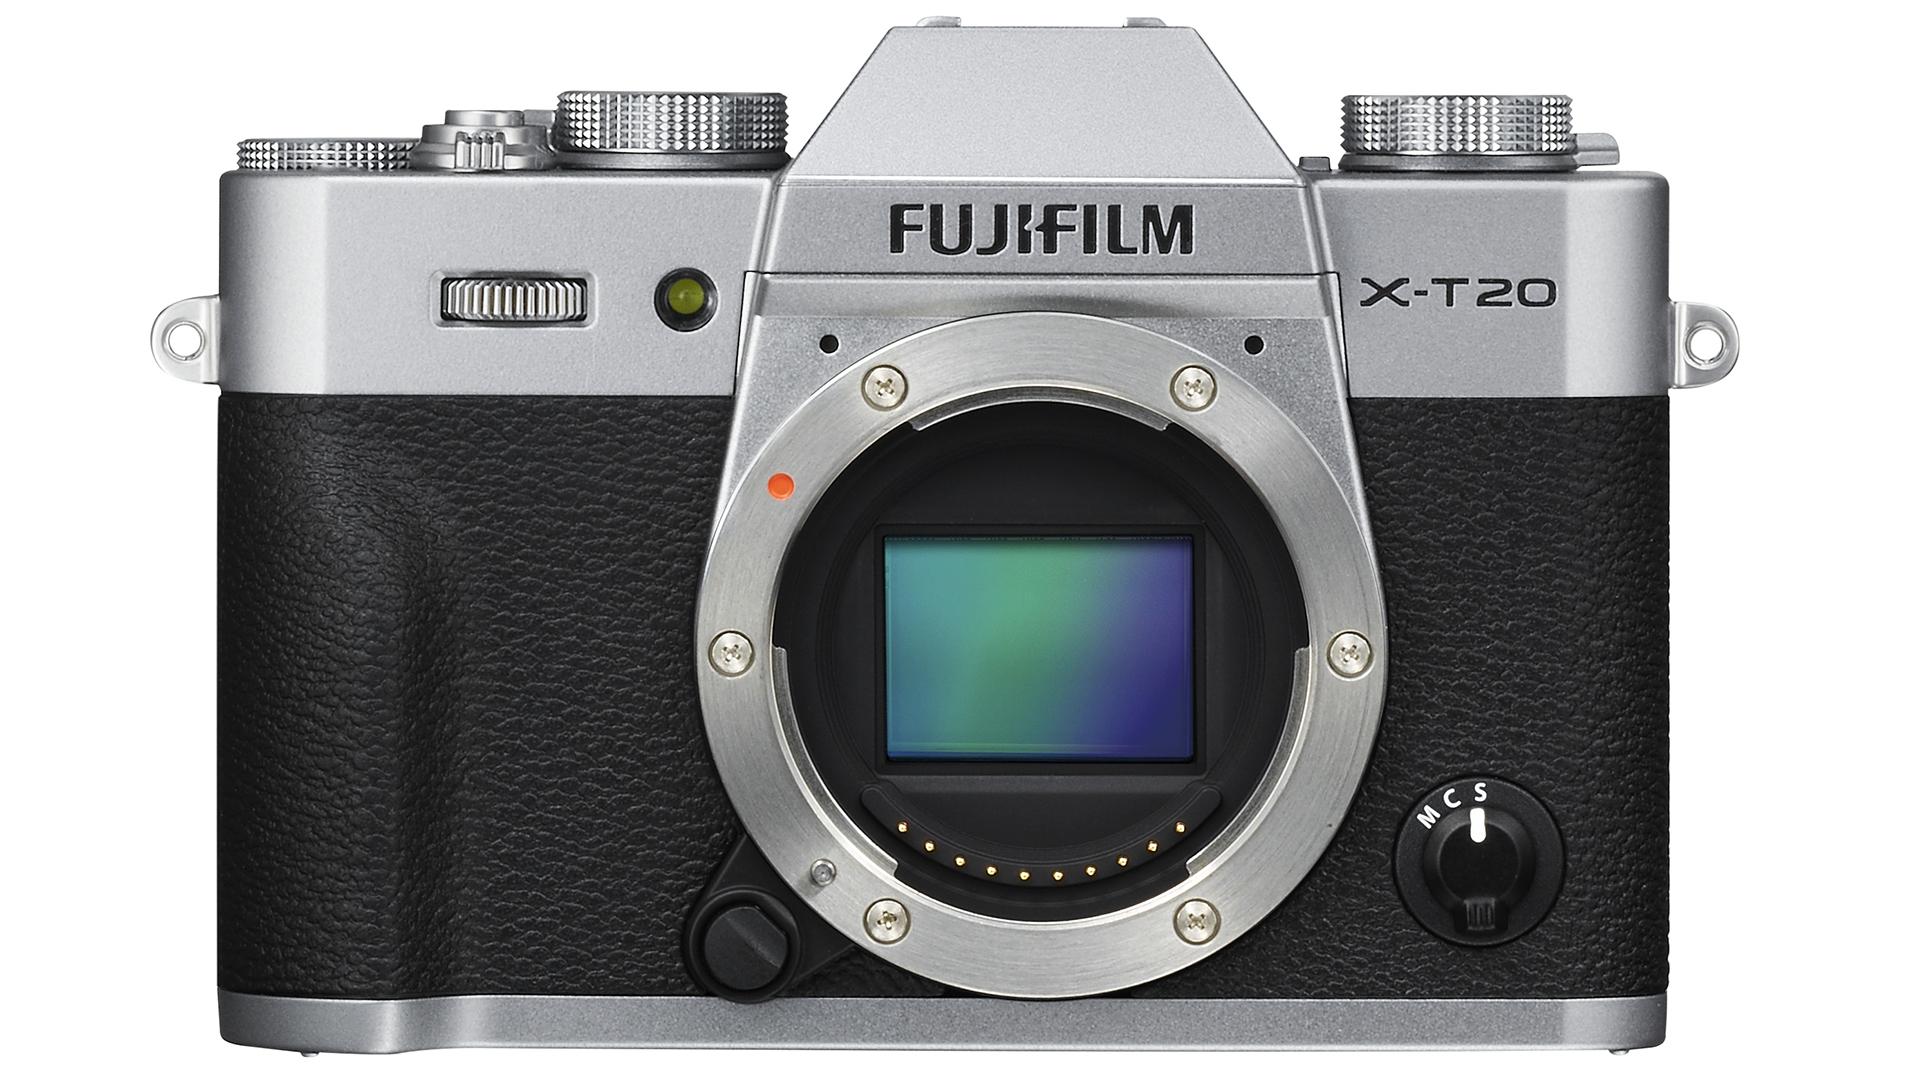 fujifilm-x-t20-001